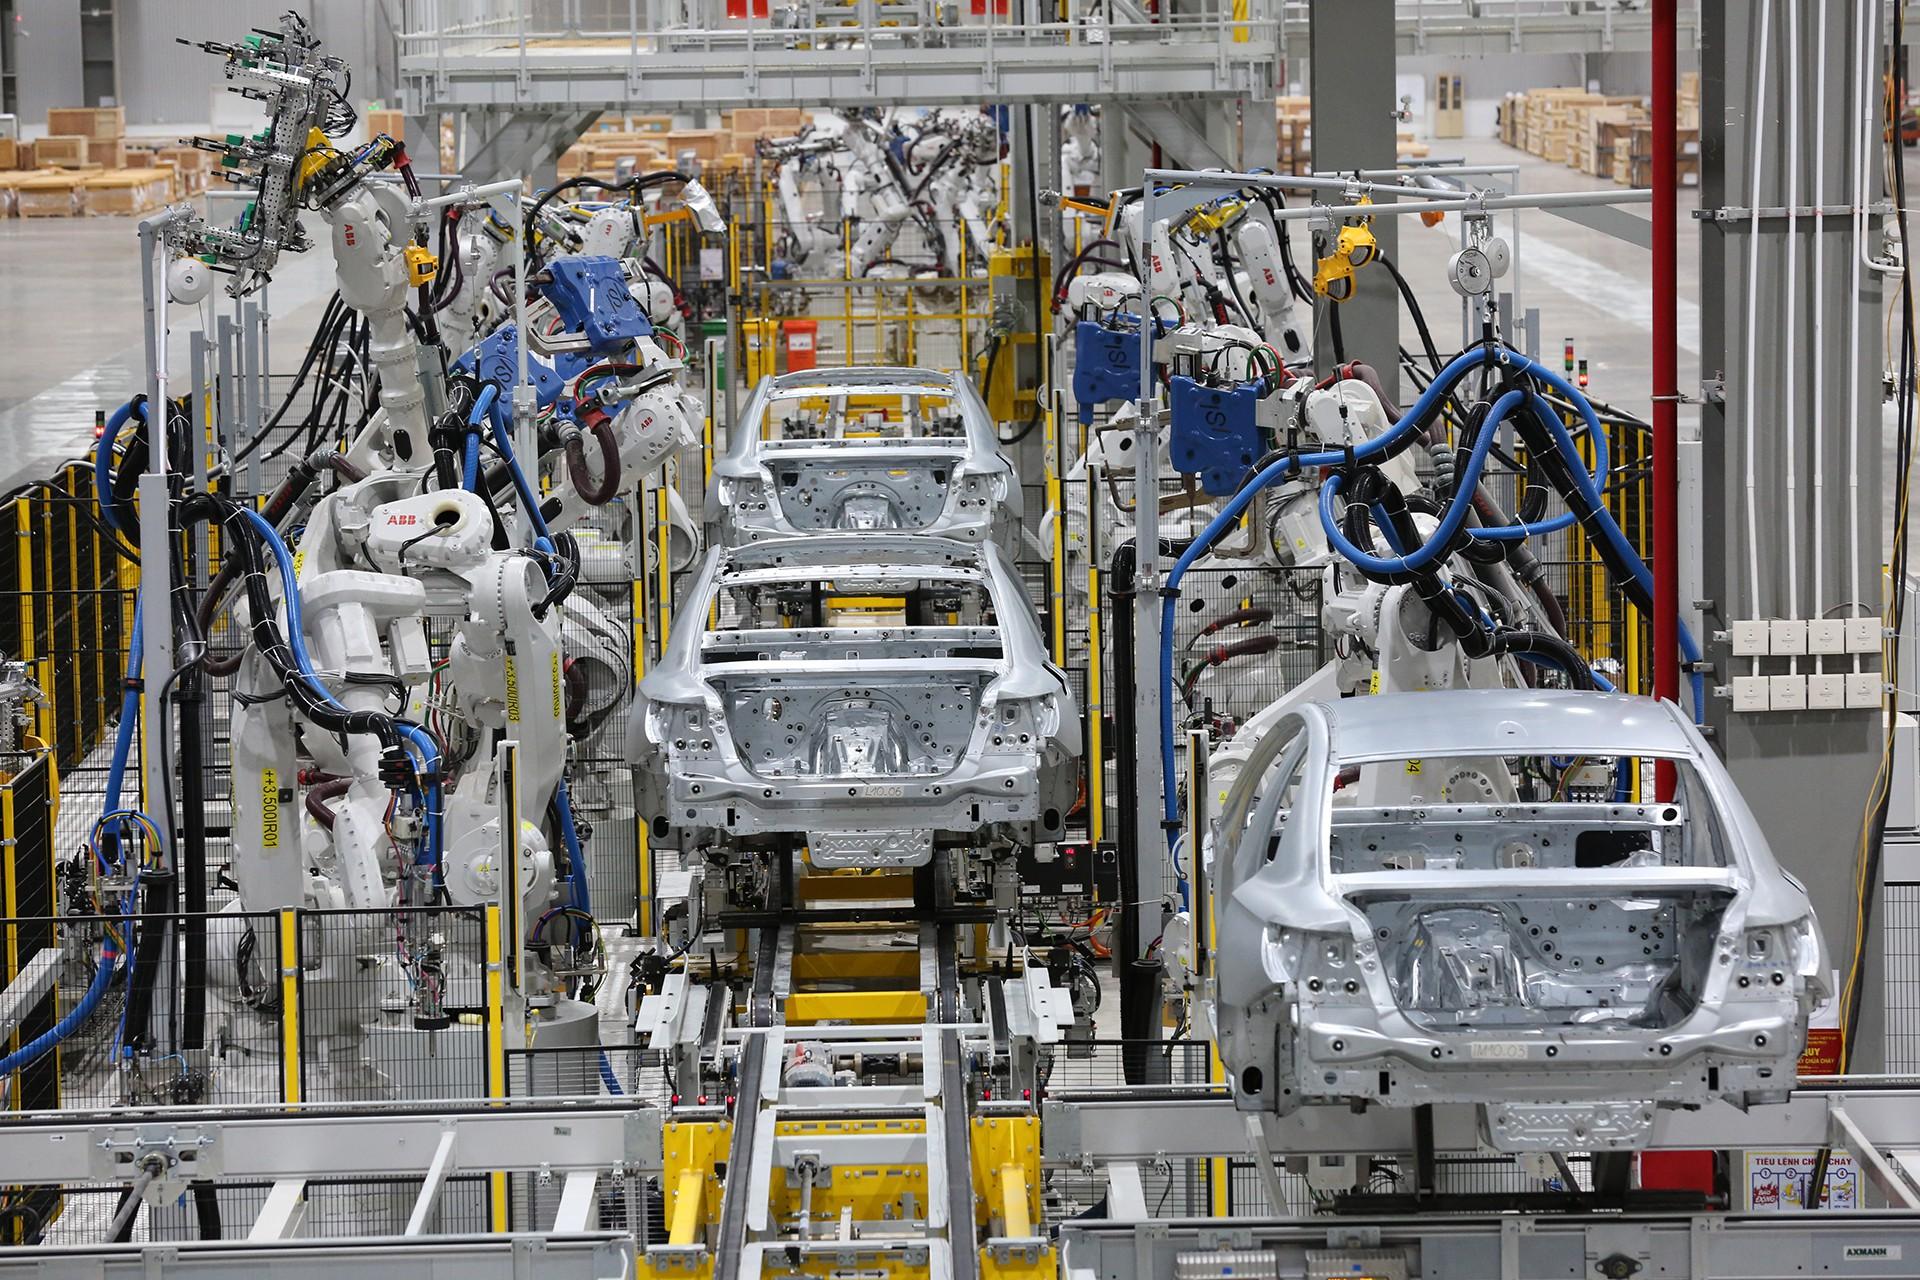 vinfast - 1p0a4397 1557962891901492703136 - Hé lộ hình ảnh bên trong nhà máy sản xuất ô tô sắp khánh thành của VinFast